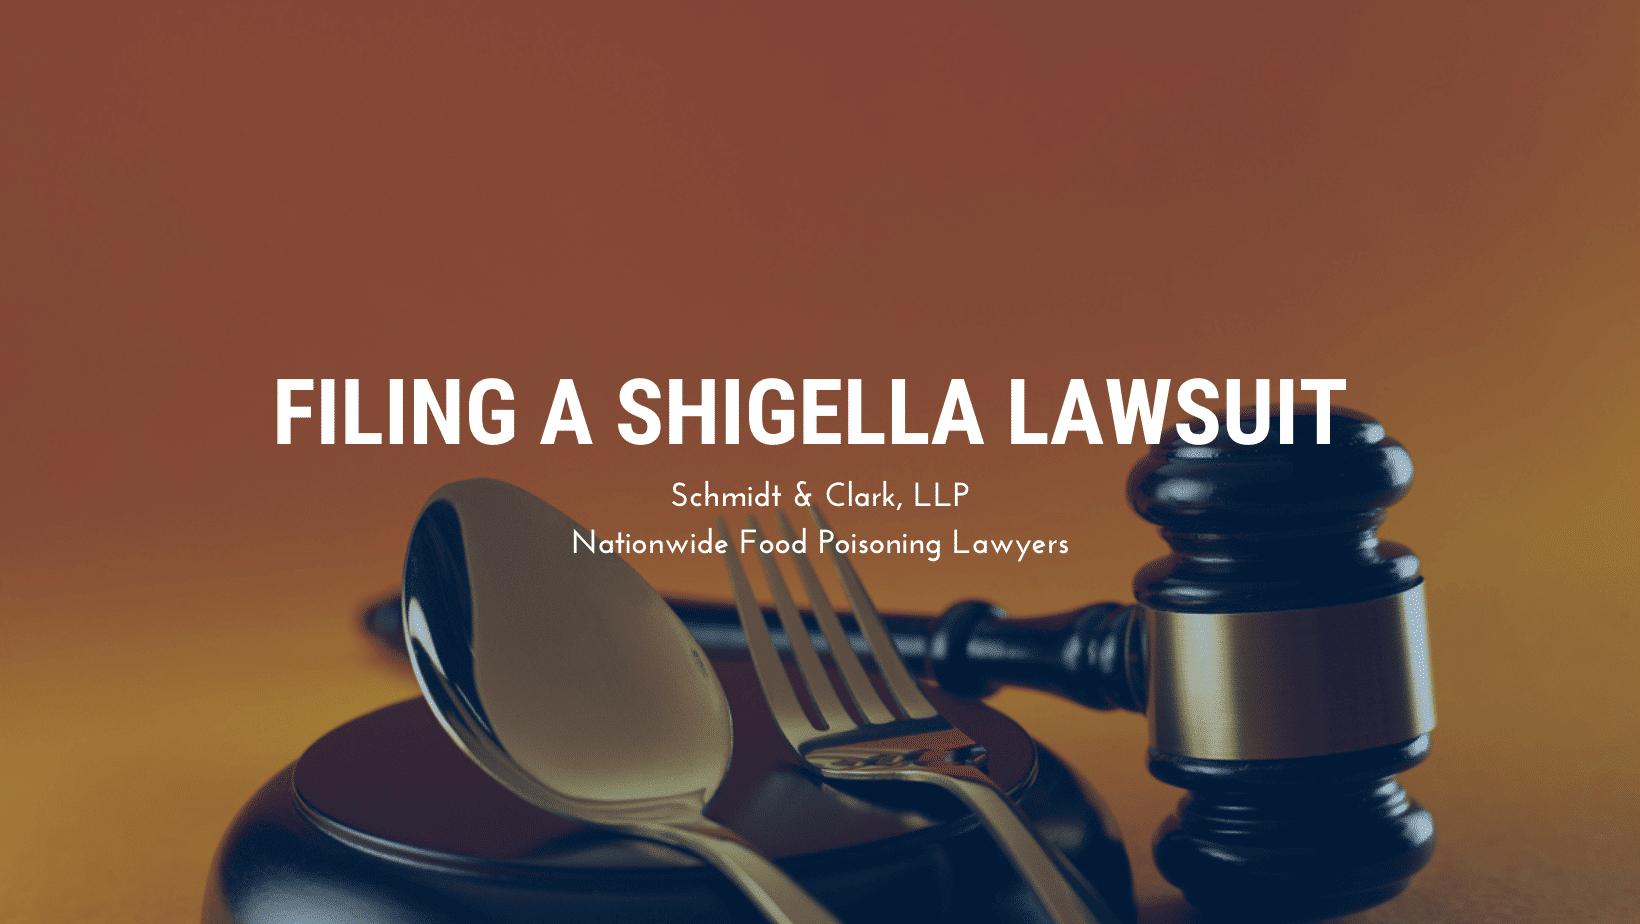 Shigella lawsuit